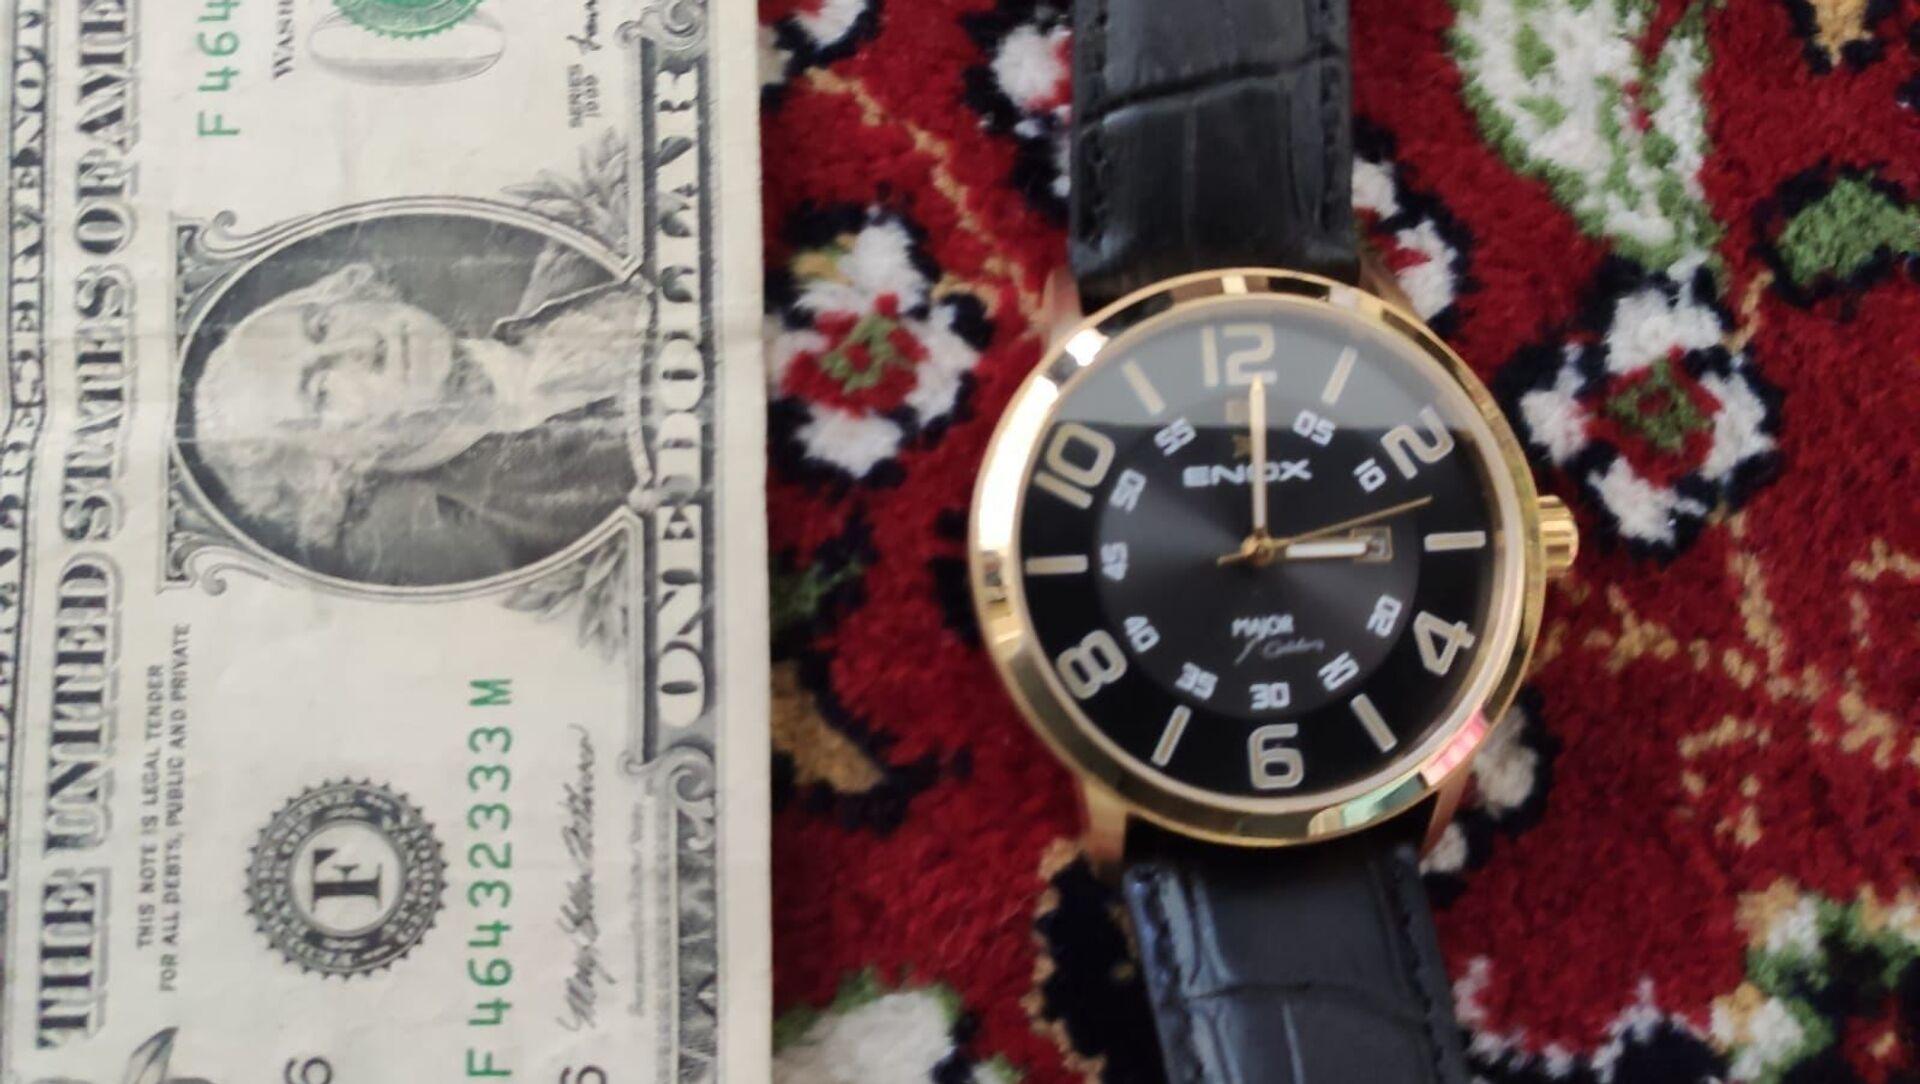 FETÖ operasyonunda Gülen imzalı kol saati ile F serisi dolar ele geçirildi - Sputnik Türkiye, 1920, 23.04.2021